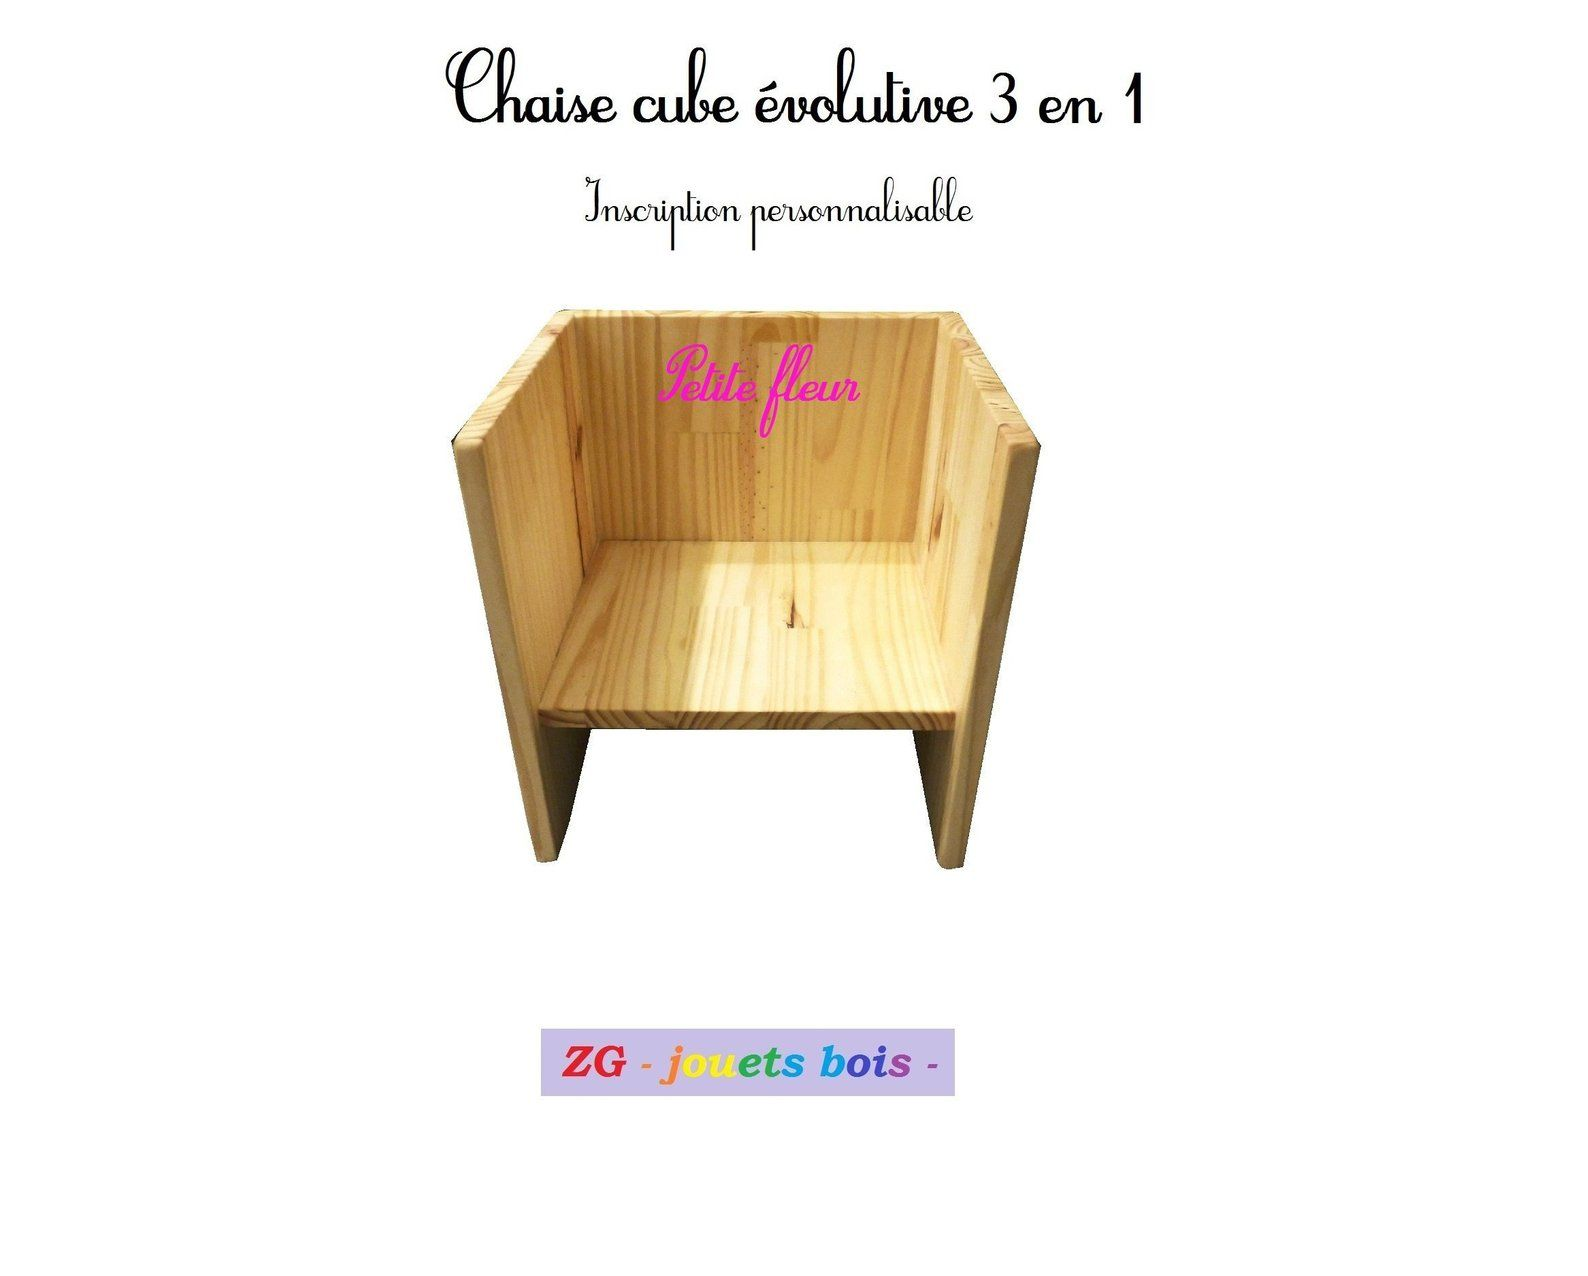 Notre Chaise Evolutive Le Cube Montessori La Vie Jolie Julie Blog De Maman Bebe Chaise Evolutive Diy Montessori Bebe Montessori